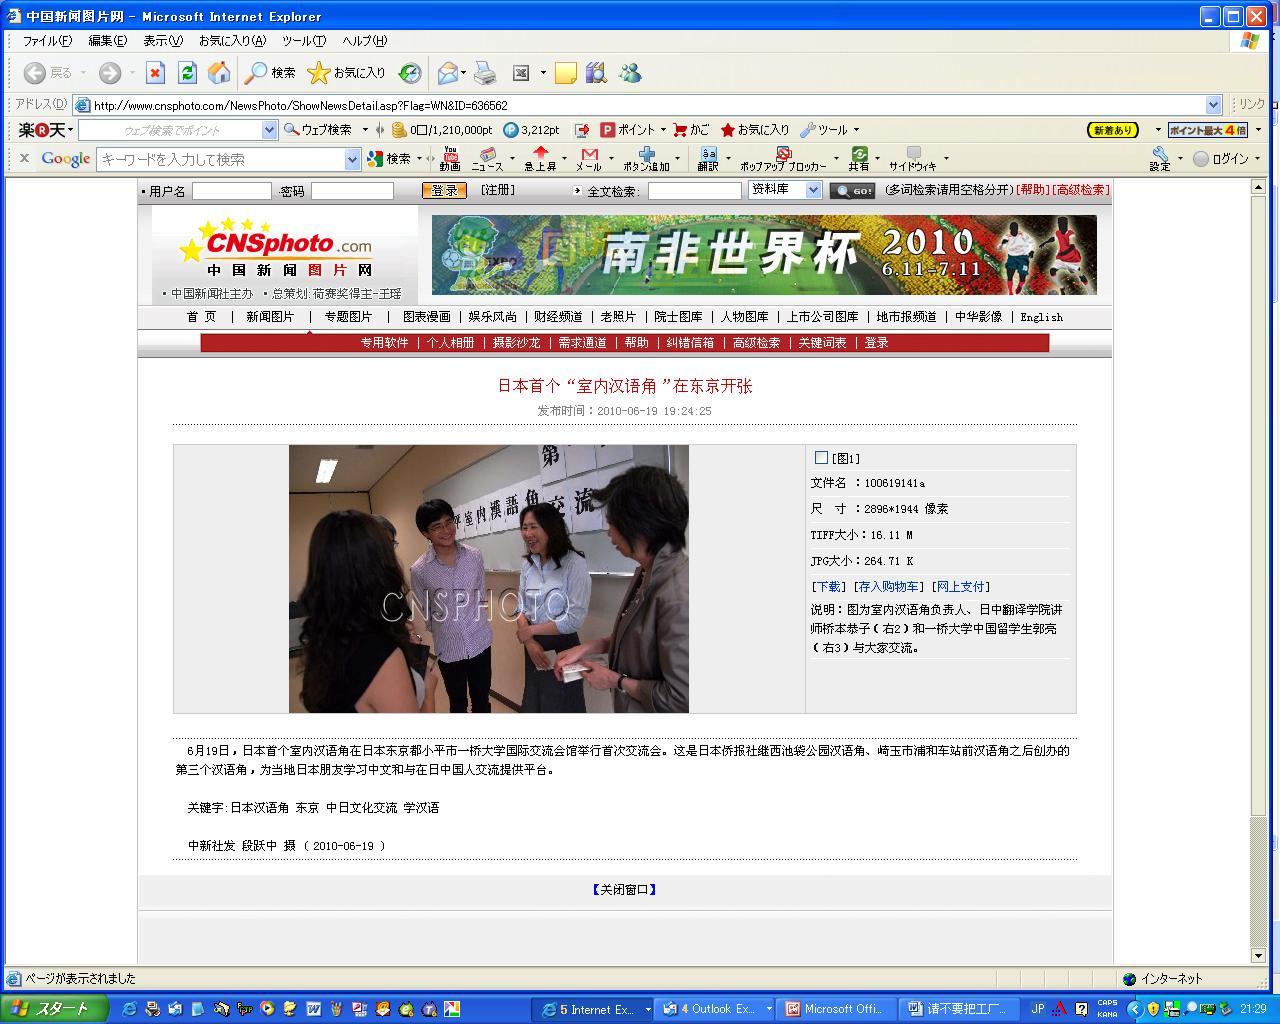 小平室内漢語角開始の写真 中国新聞社より配信されました_d0027795_21371538.jpg